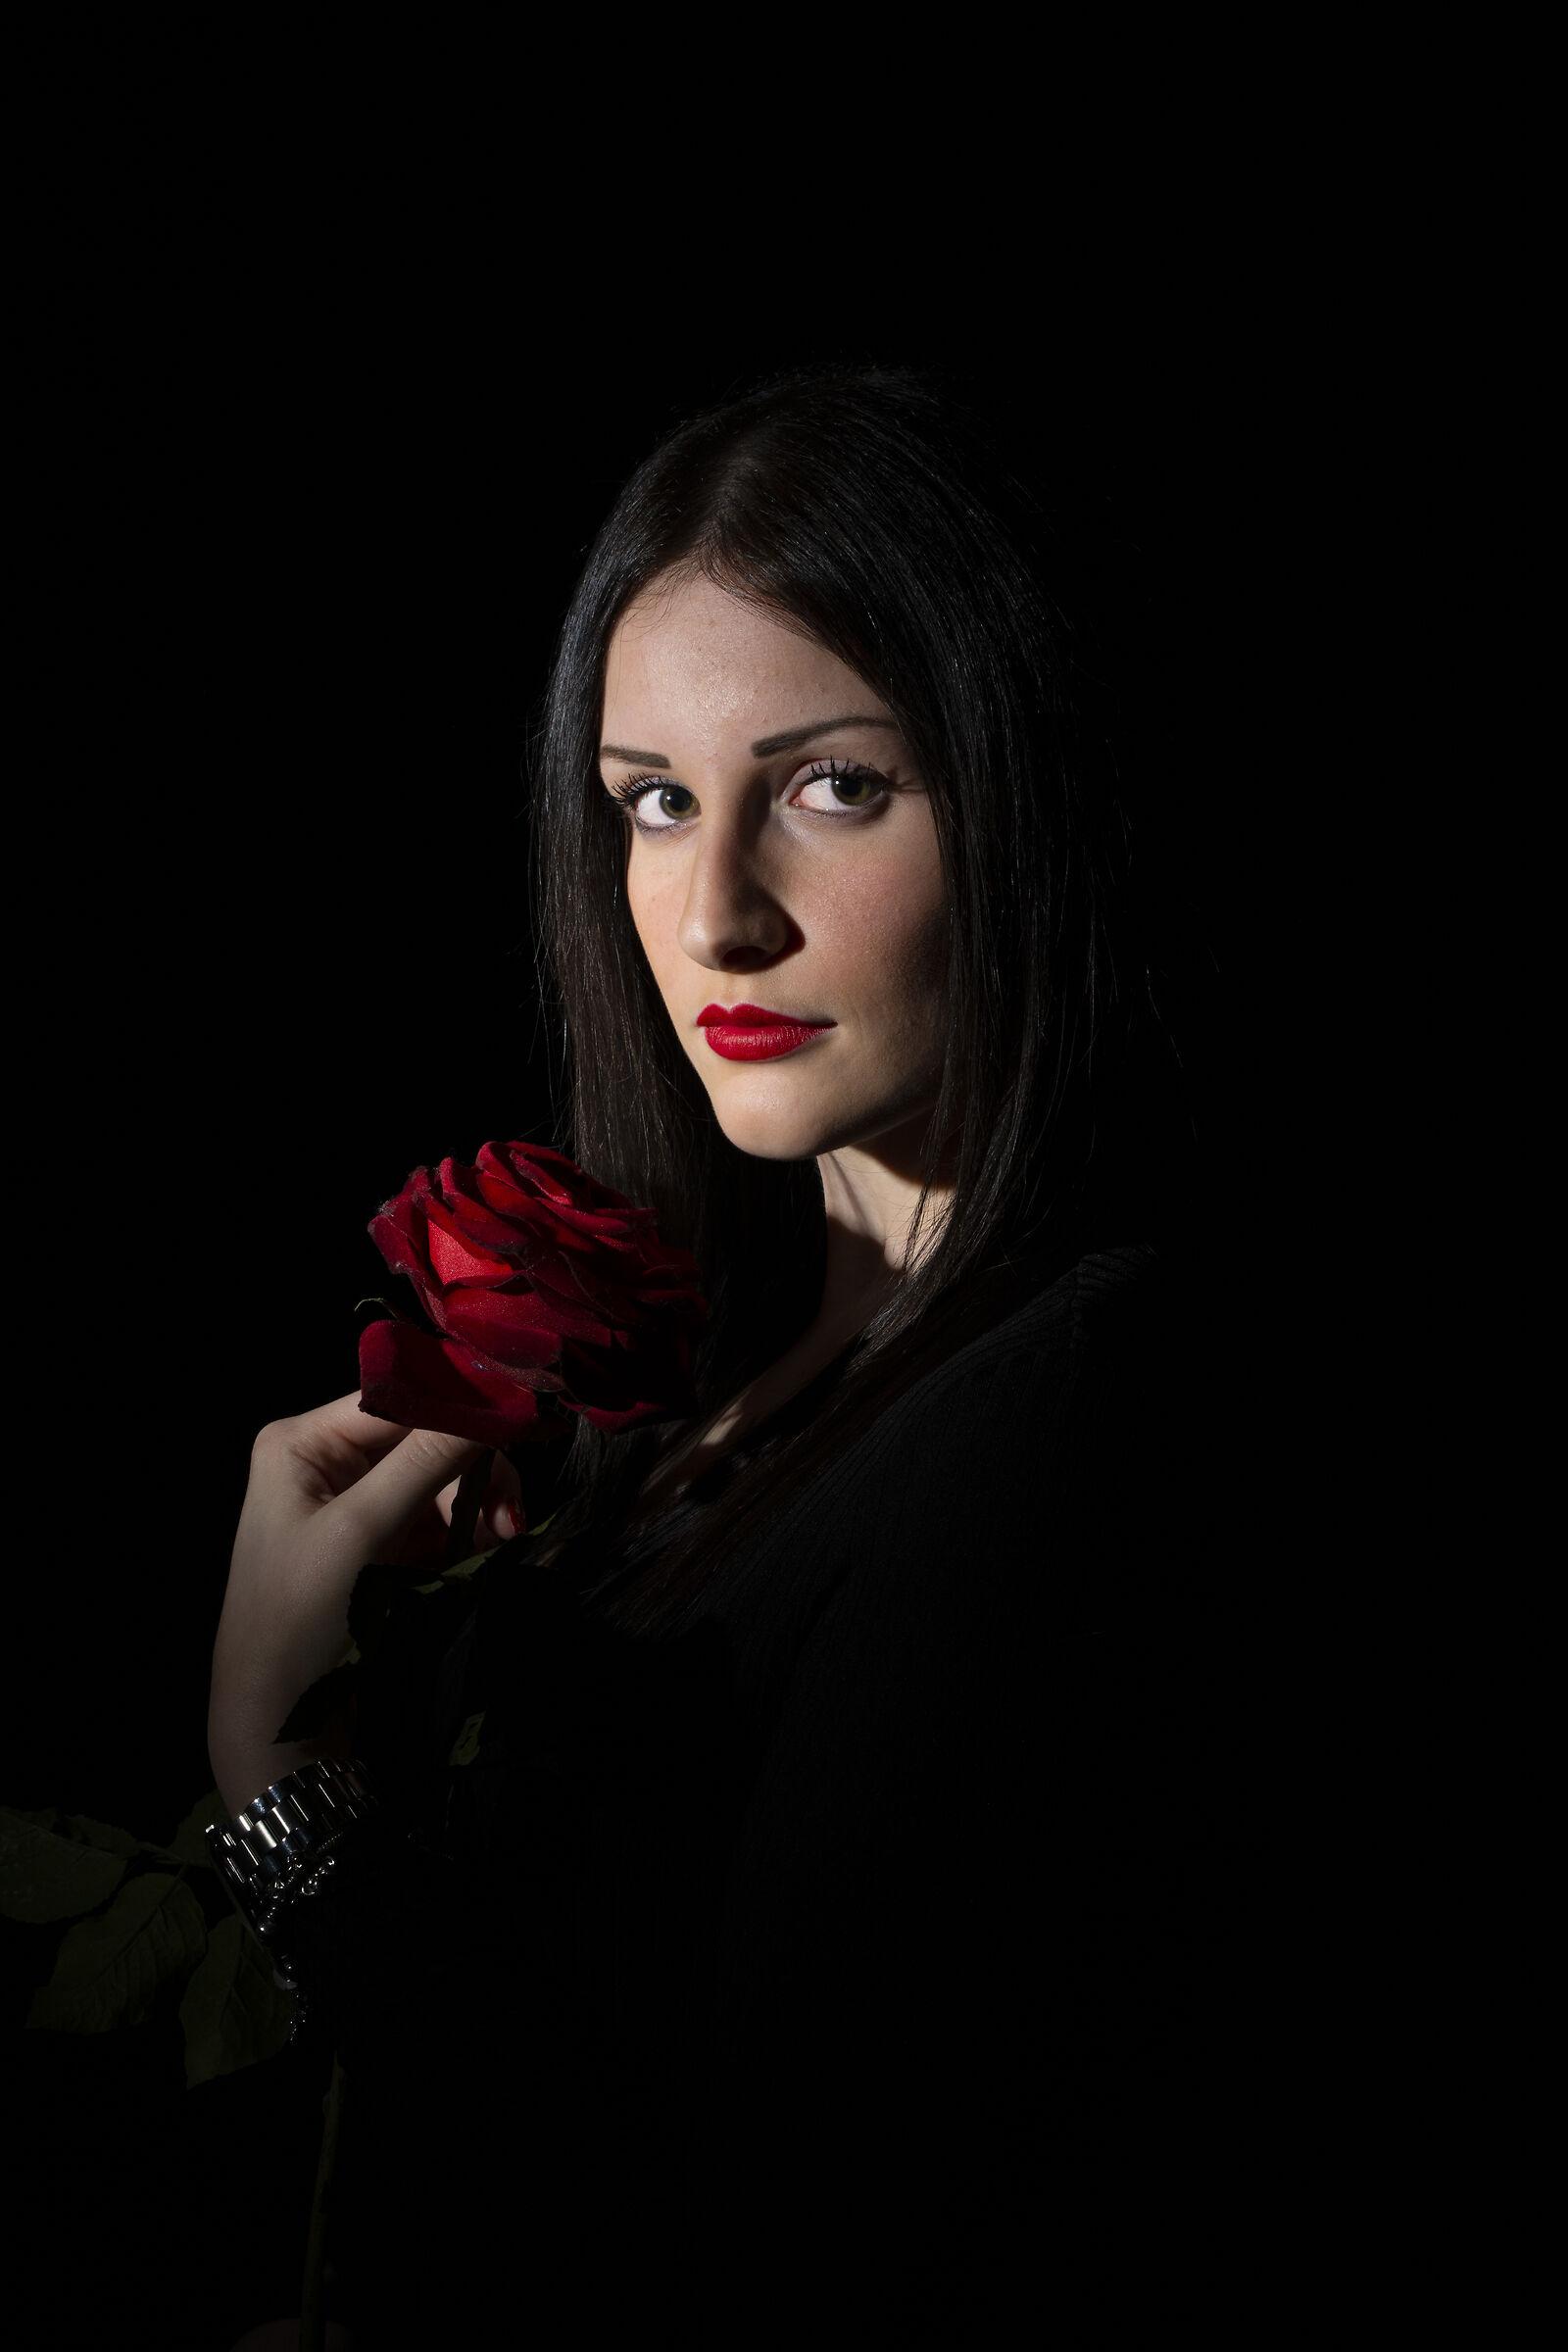 Dark Valentine 2...